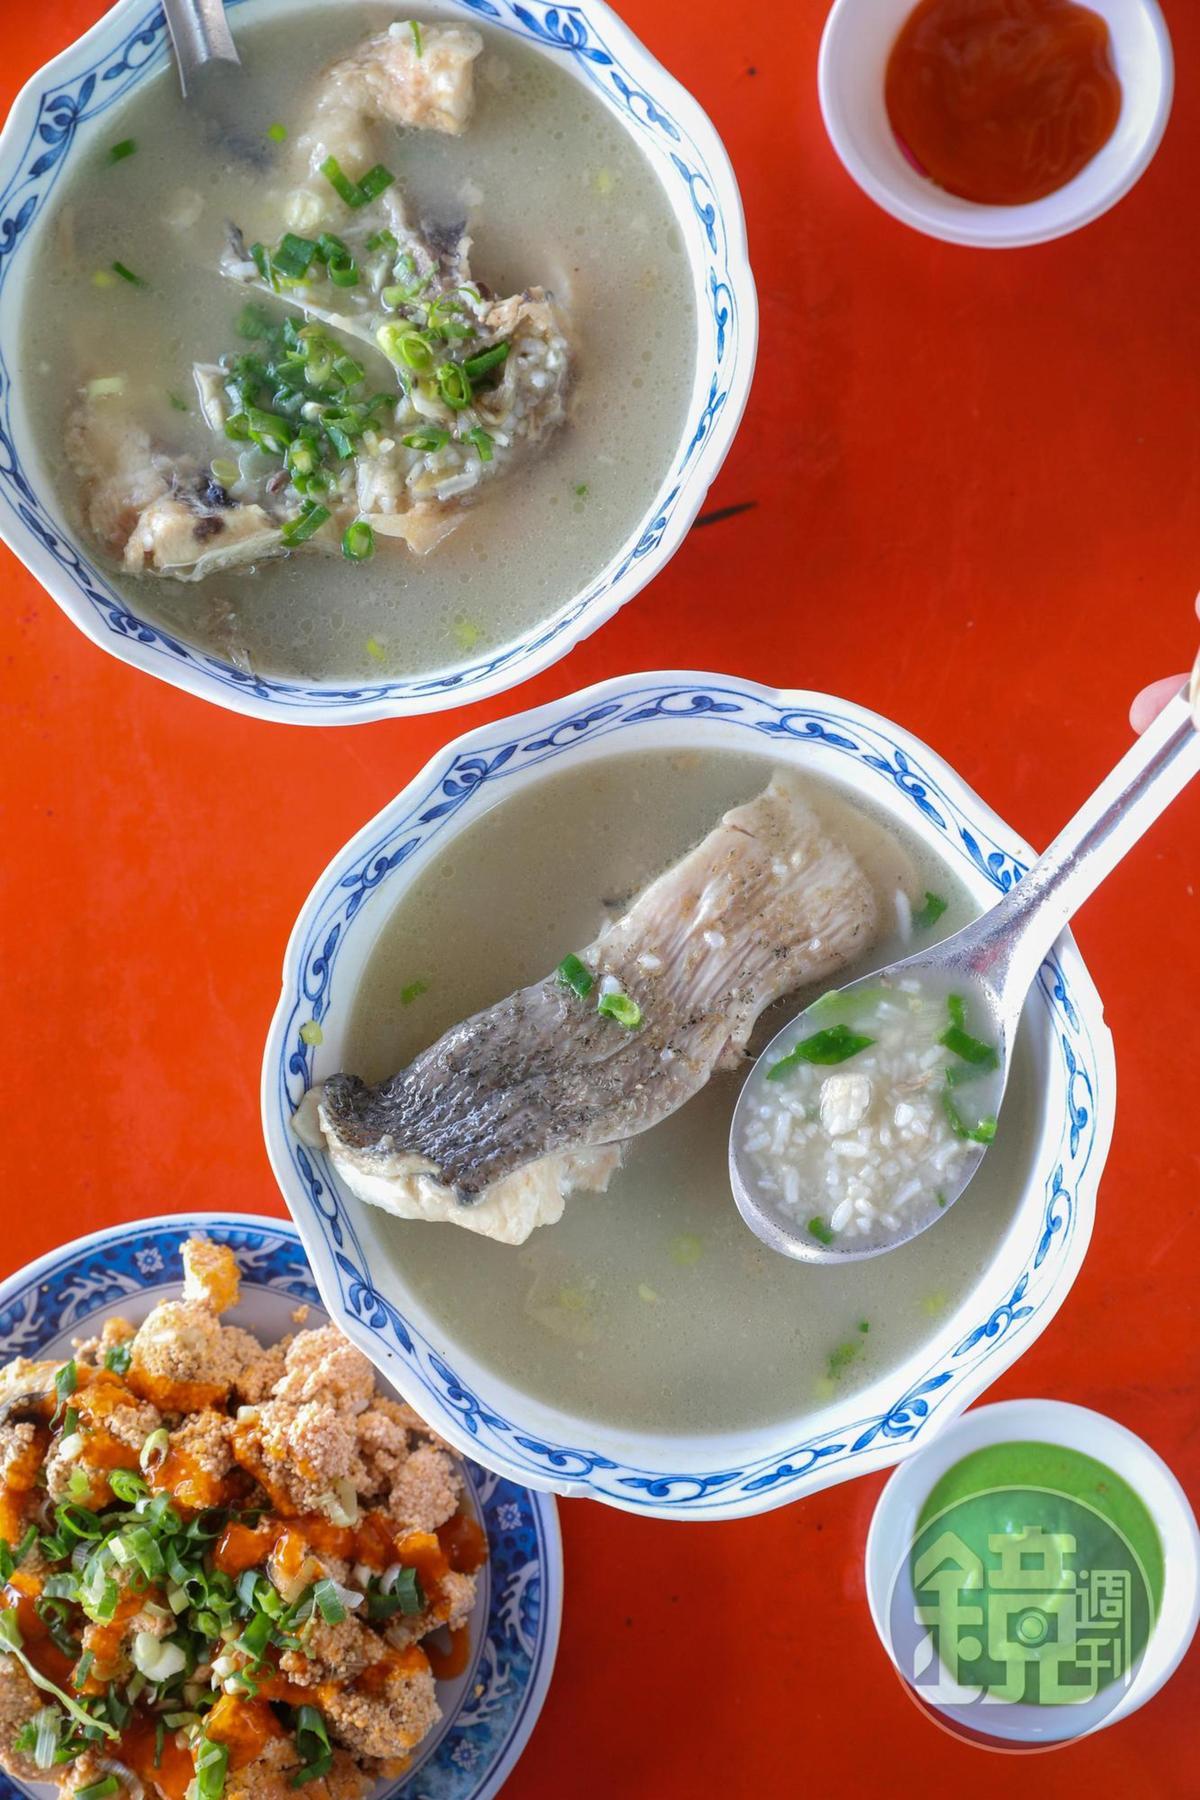 「魚肉粥」(中,60元/碗)「魚下巴粥」(上,80~100元/碗)和「魚卵」(下,50元/大份),全魚早餐現煮鮮濃。